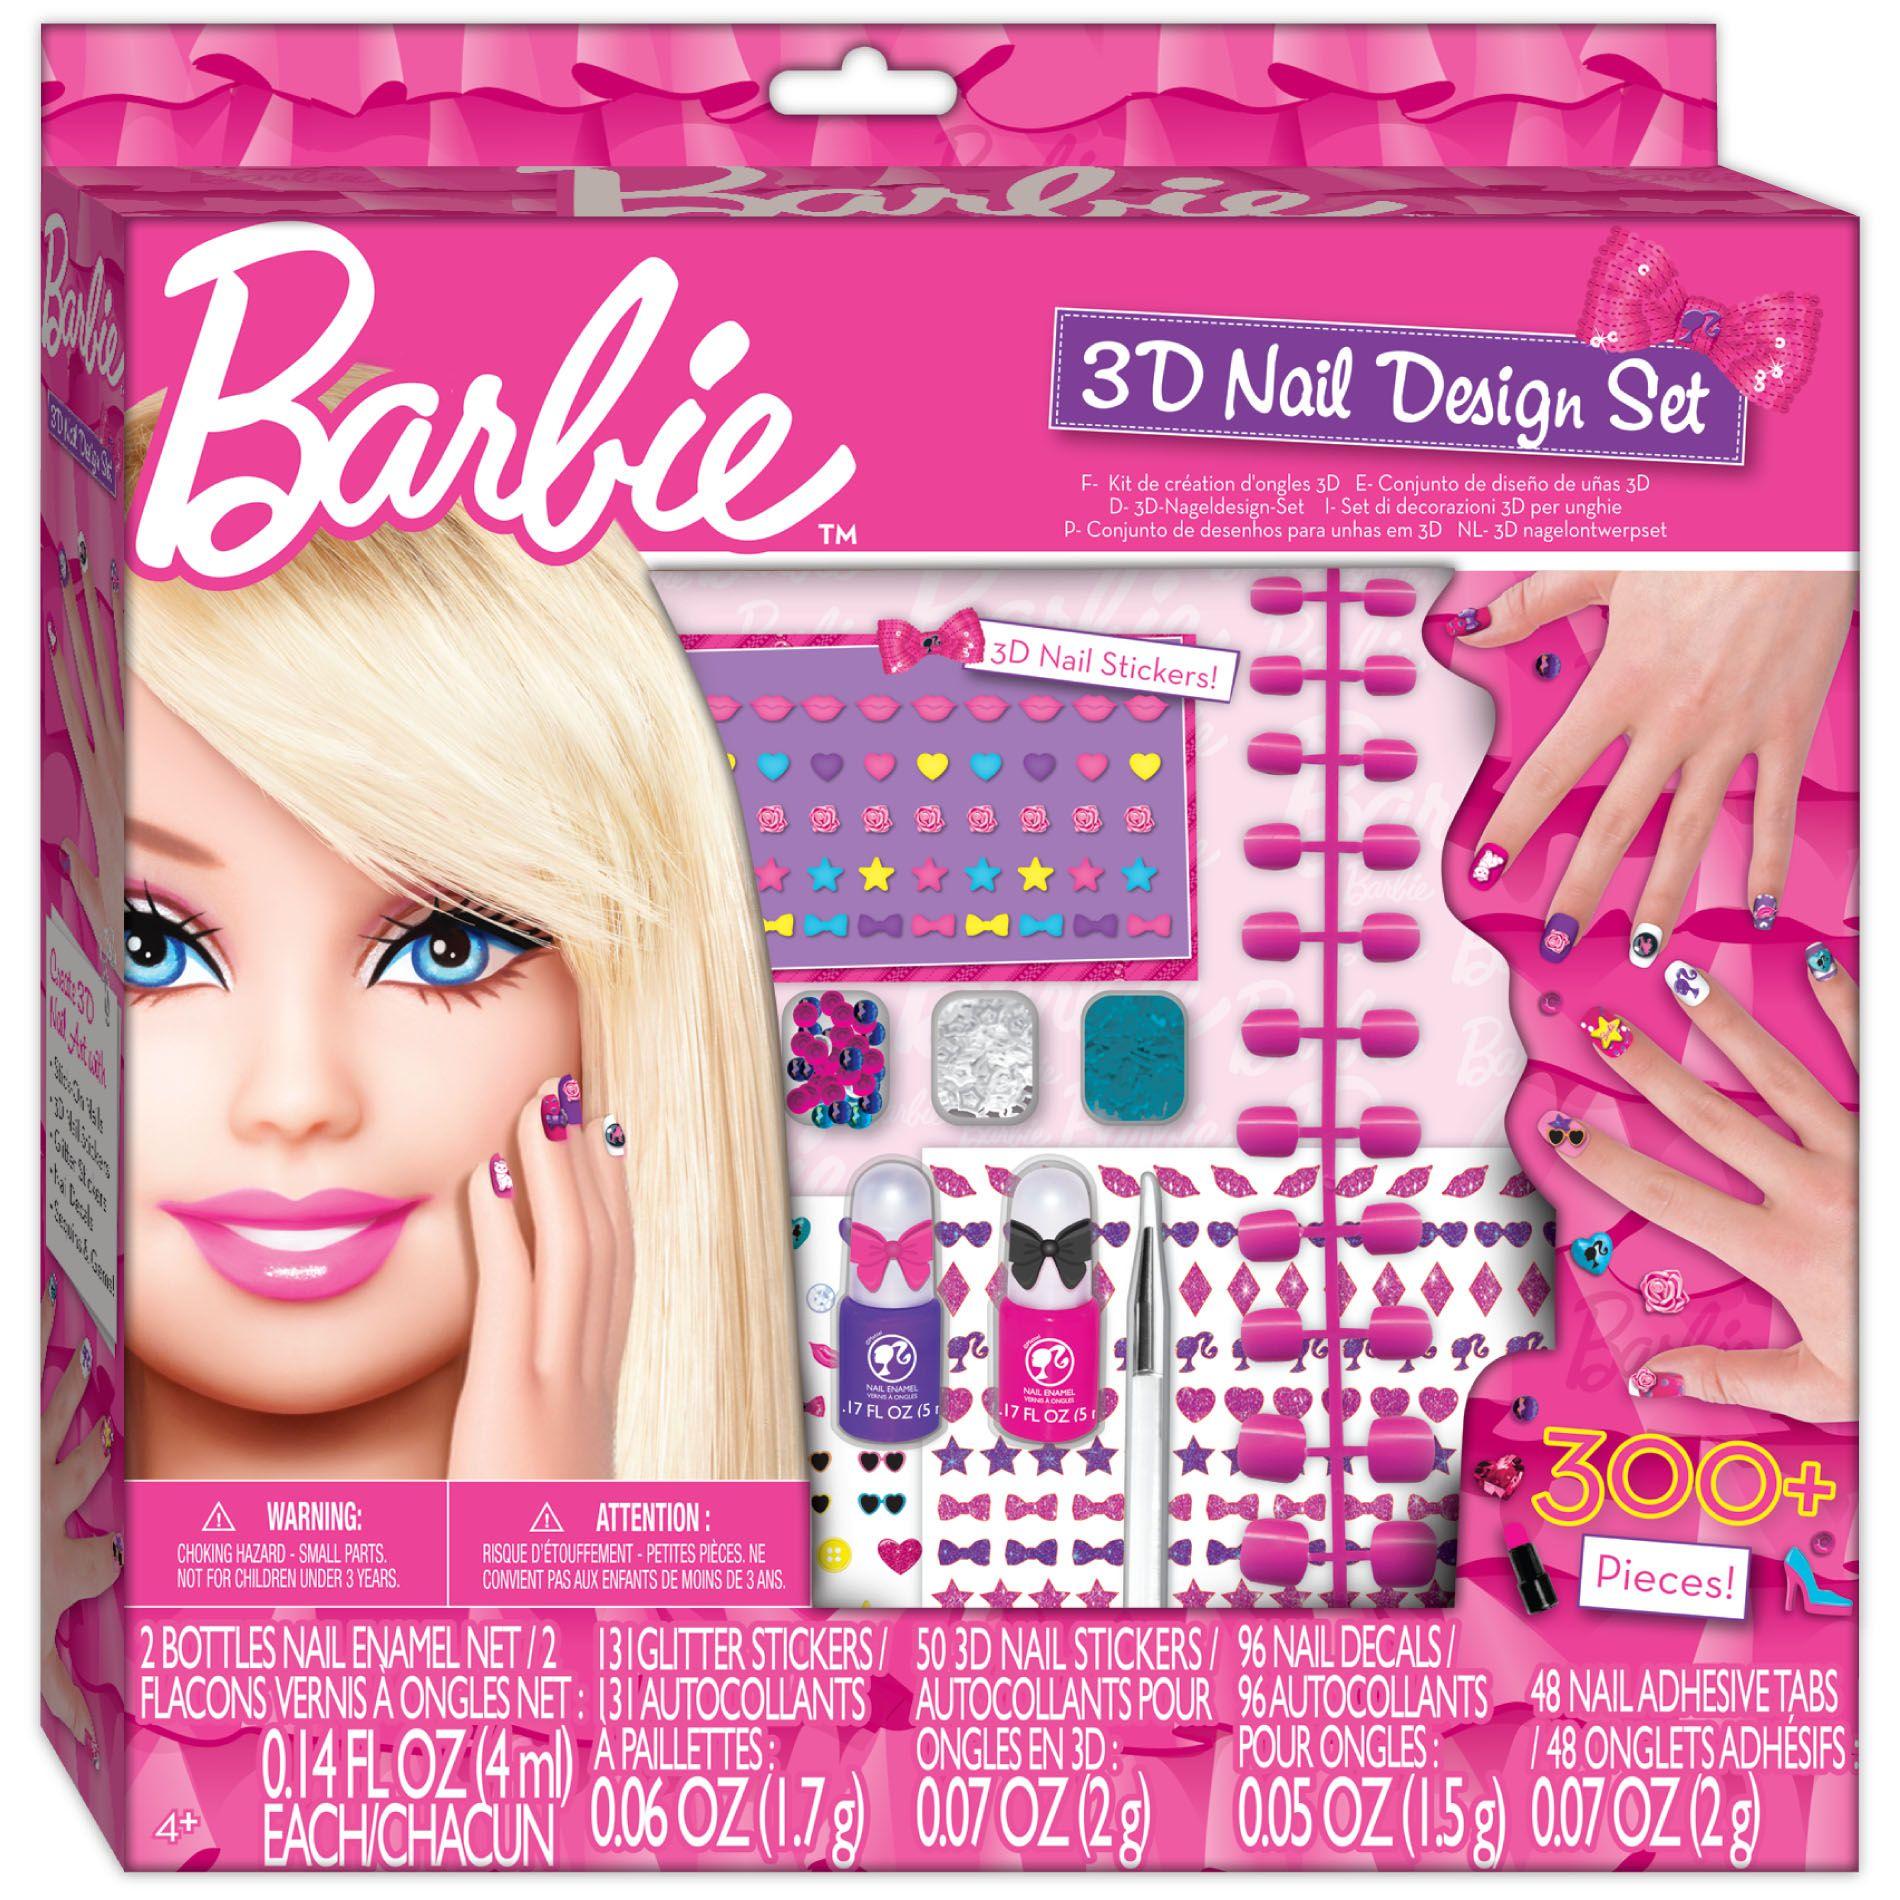 barbie 3d nail design set